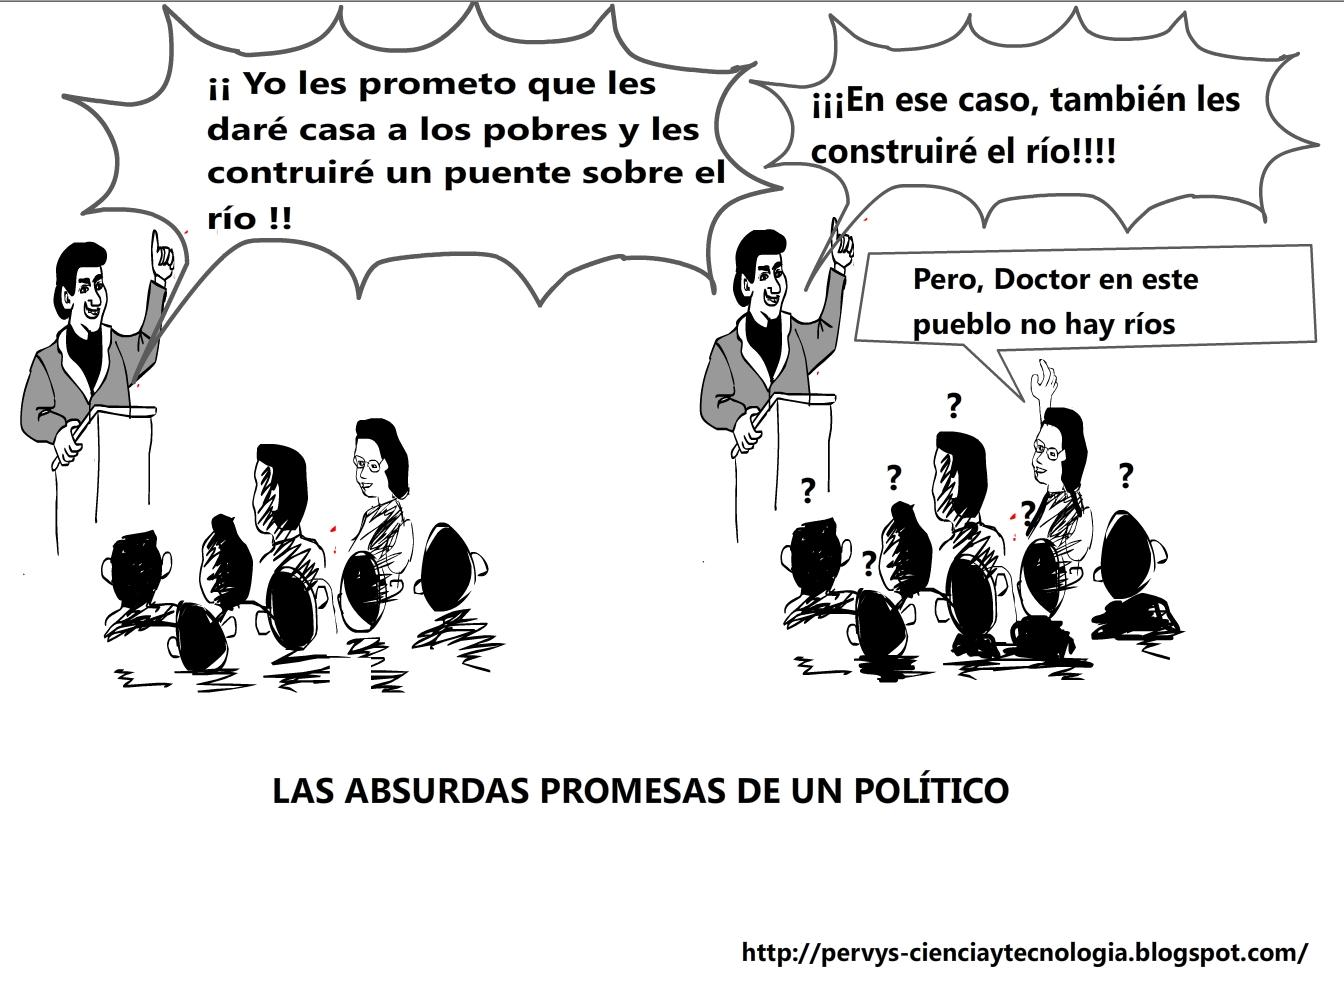 CHISTE GRÁFICO: LAS ABSURDAS PROMESAS DE UN POLÍTICO